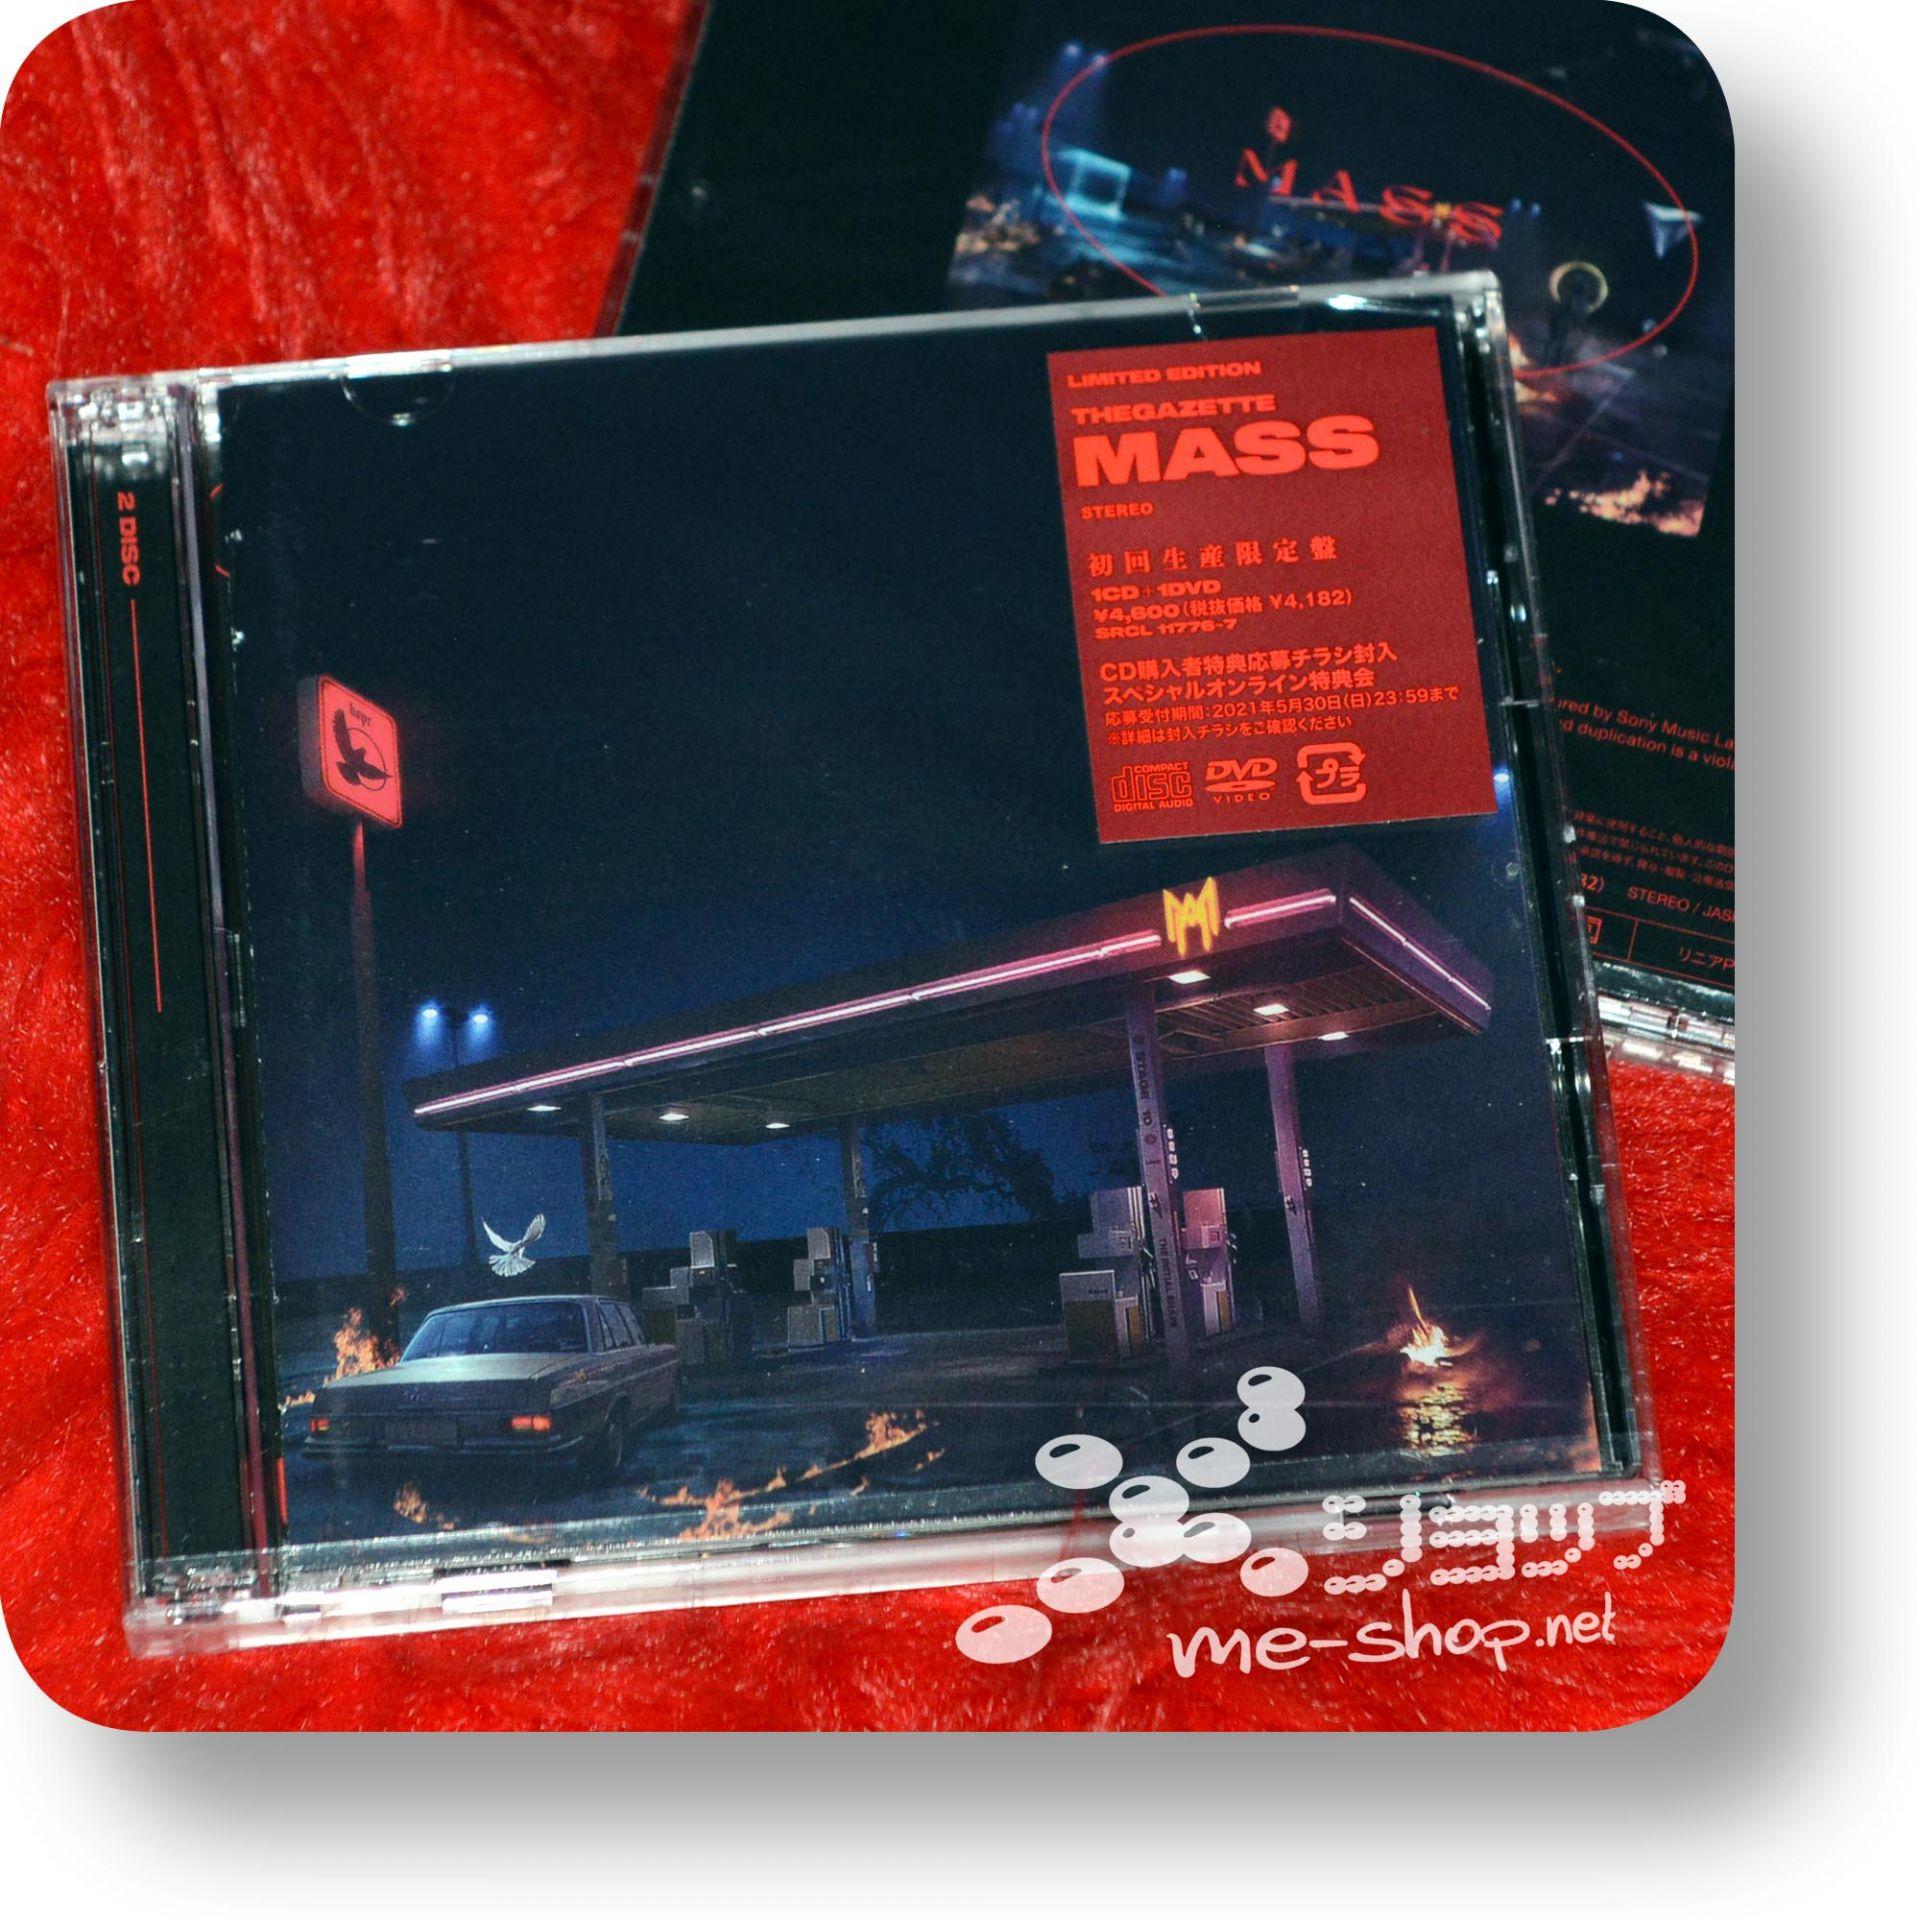 gazette mass cd+dvd